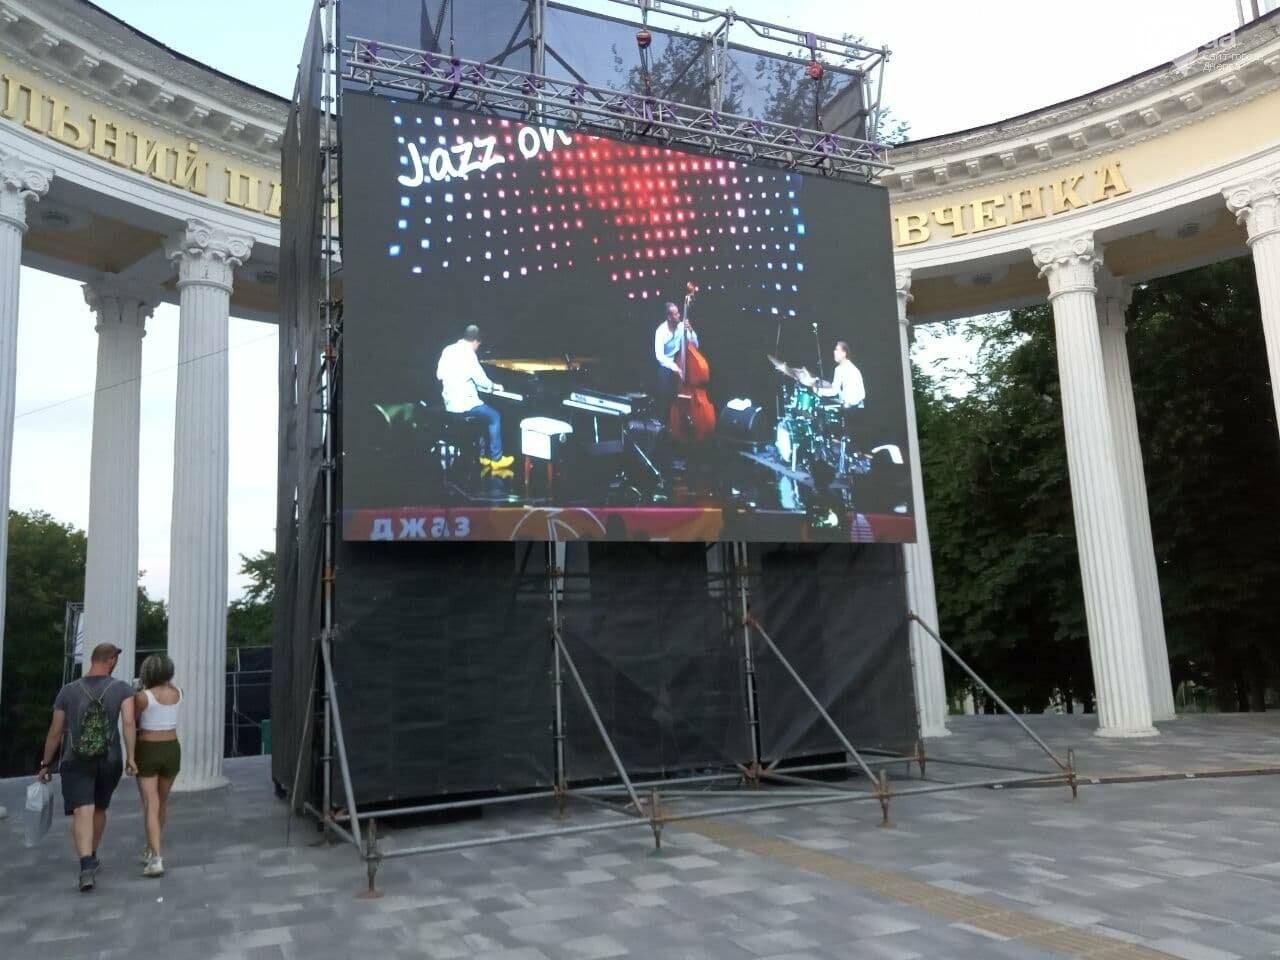 В Днепре по всей территории парка Шевченко звучит музыка нон-стоп, - ФОТО, ВИДЕО, фото-46